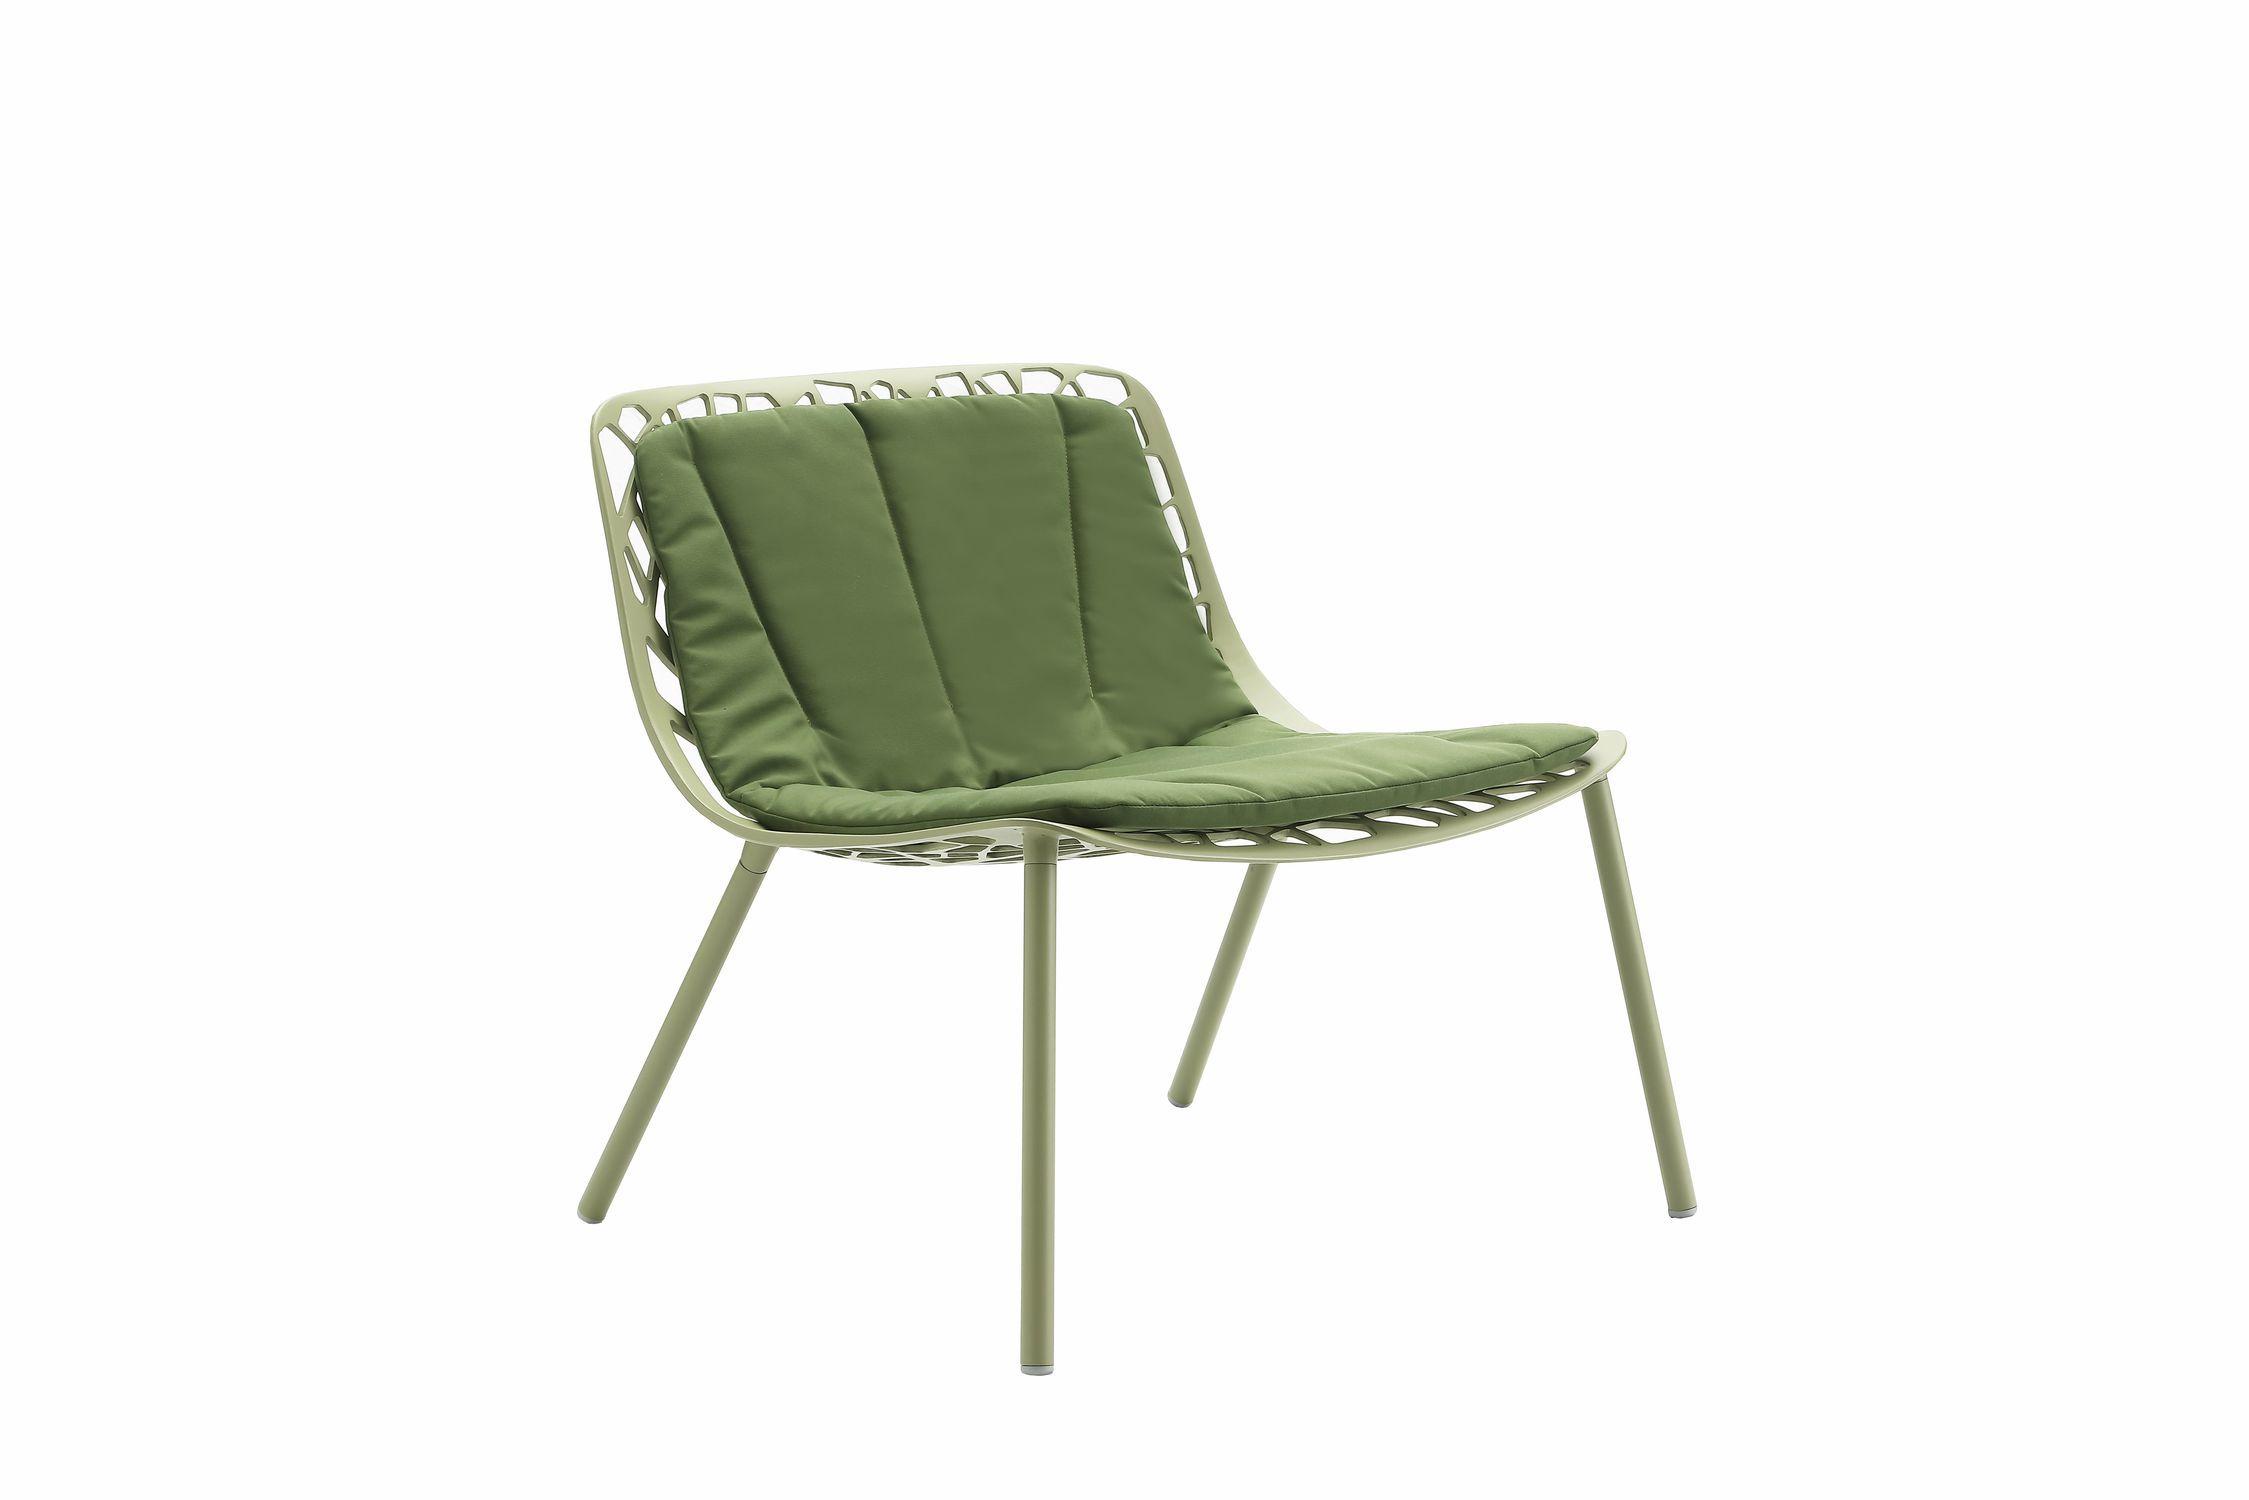 Cuscino per sedia per esterni rettangolare a motivi forest